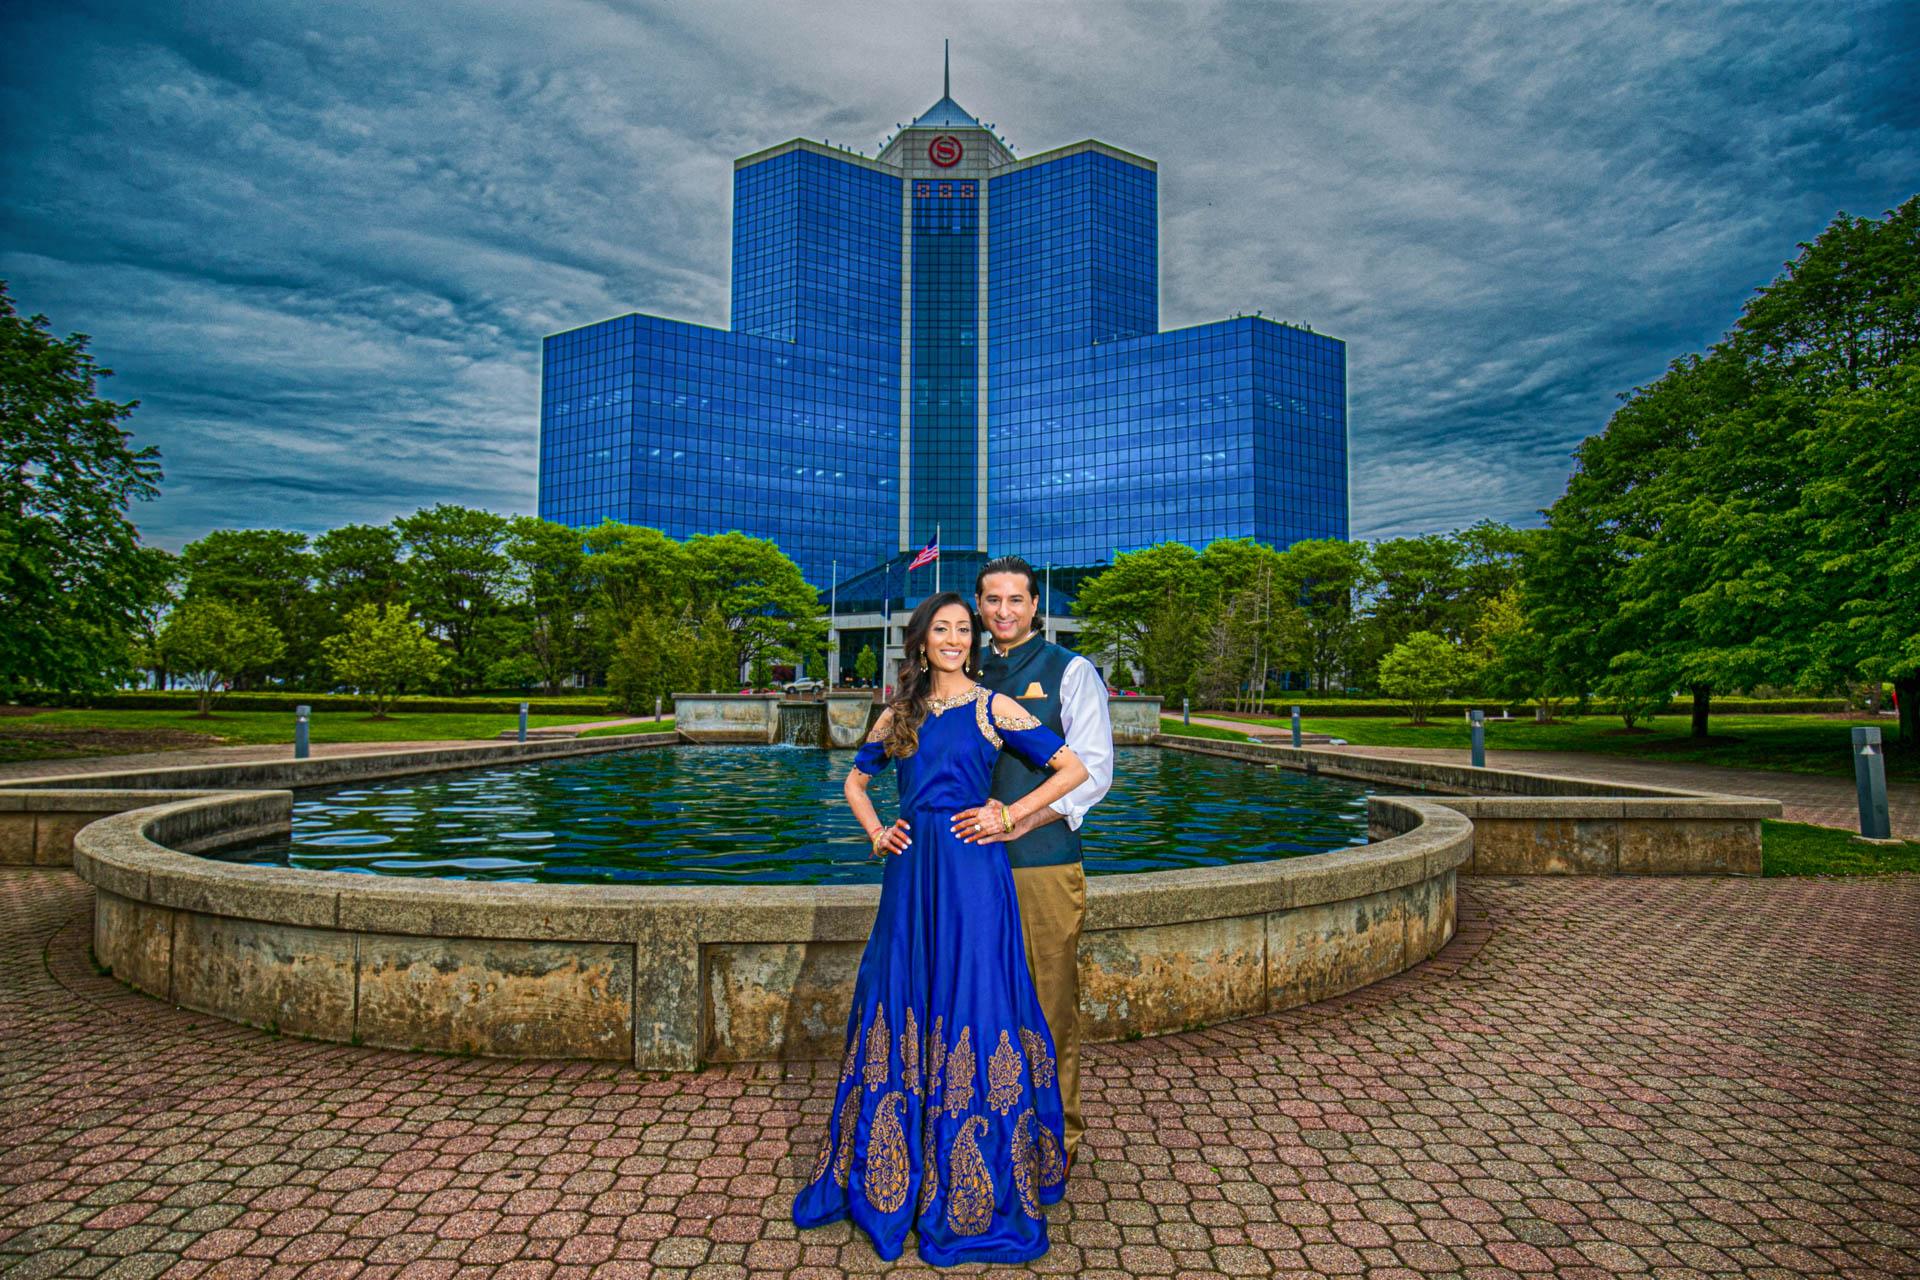 SHERATON MAHWAH INDIAN WEDDING 2